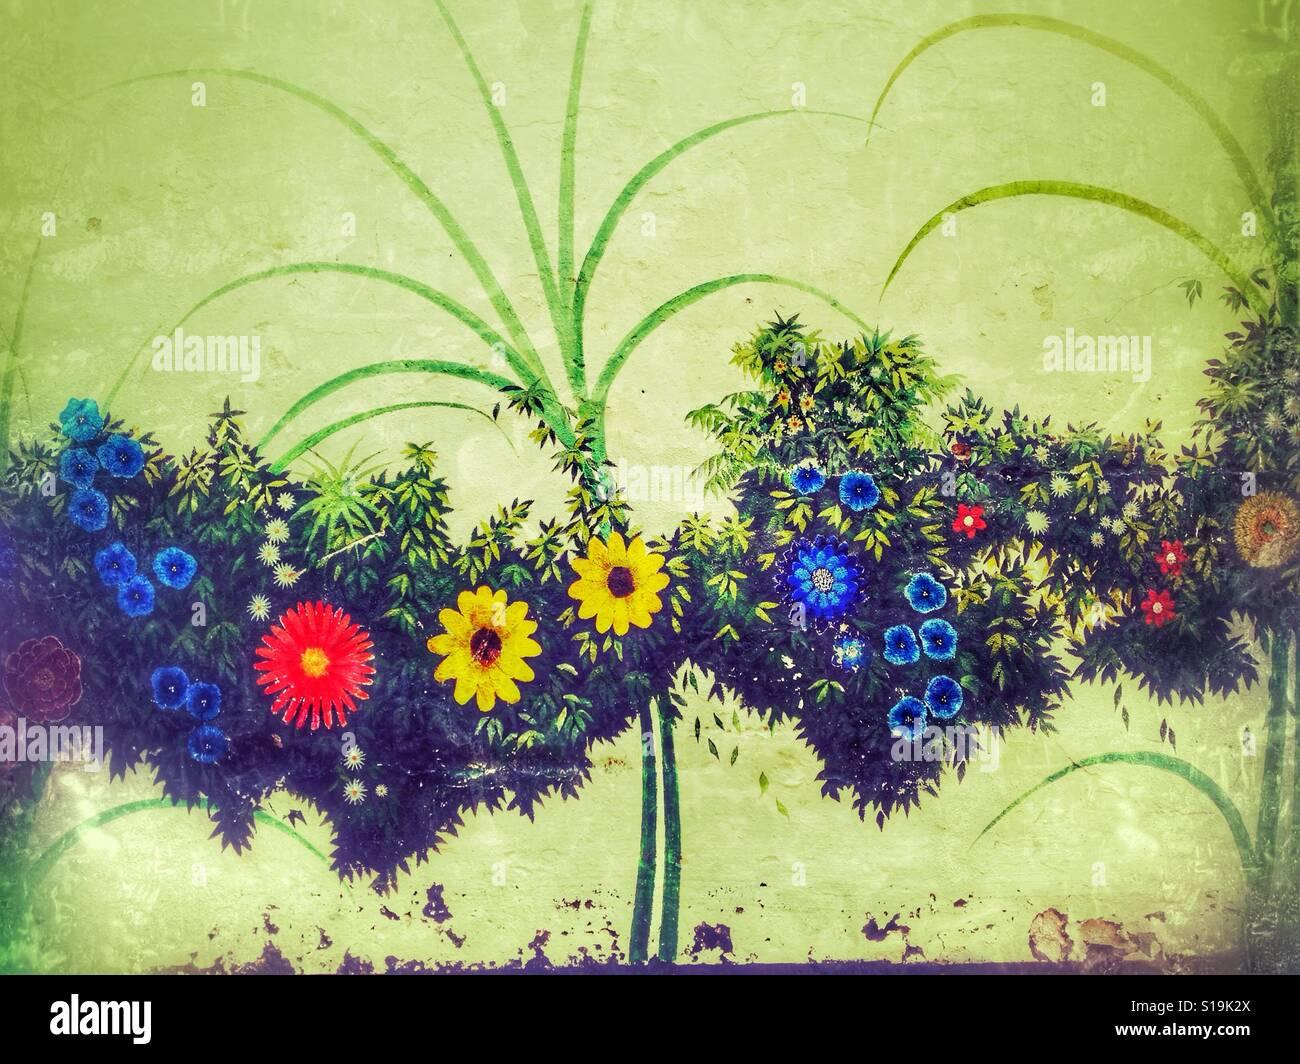 Pintura Mural De Flores Y Hojas Foto Imagen De Stock 310613826